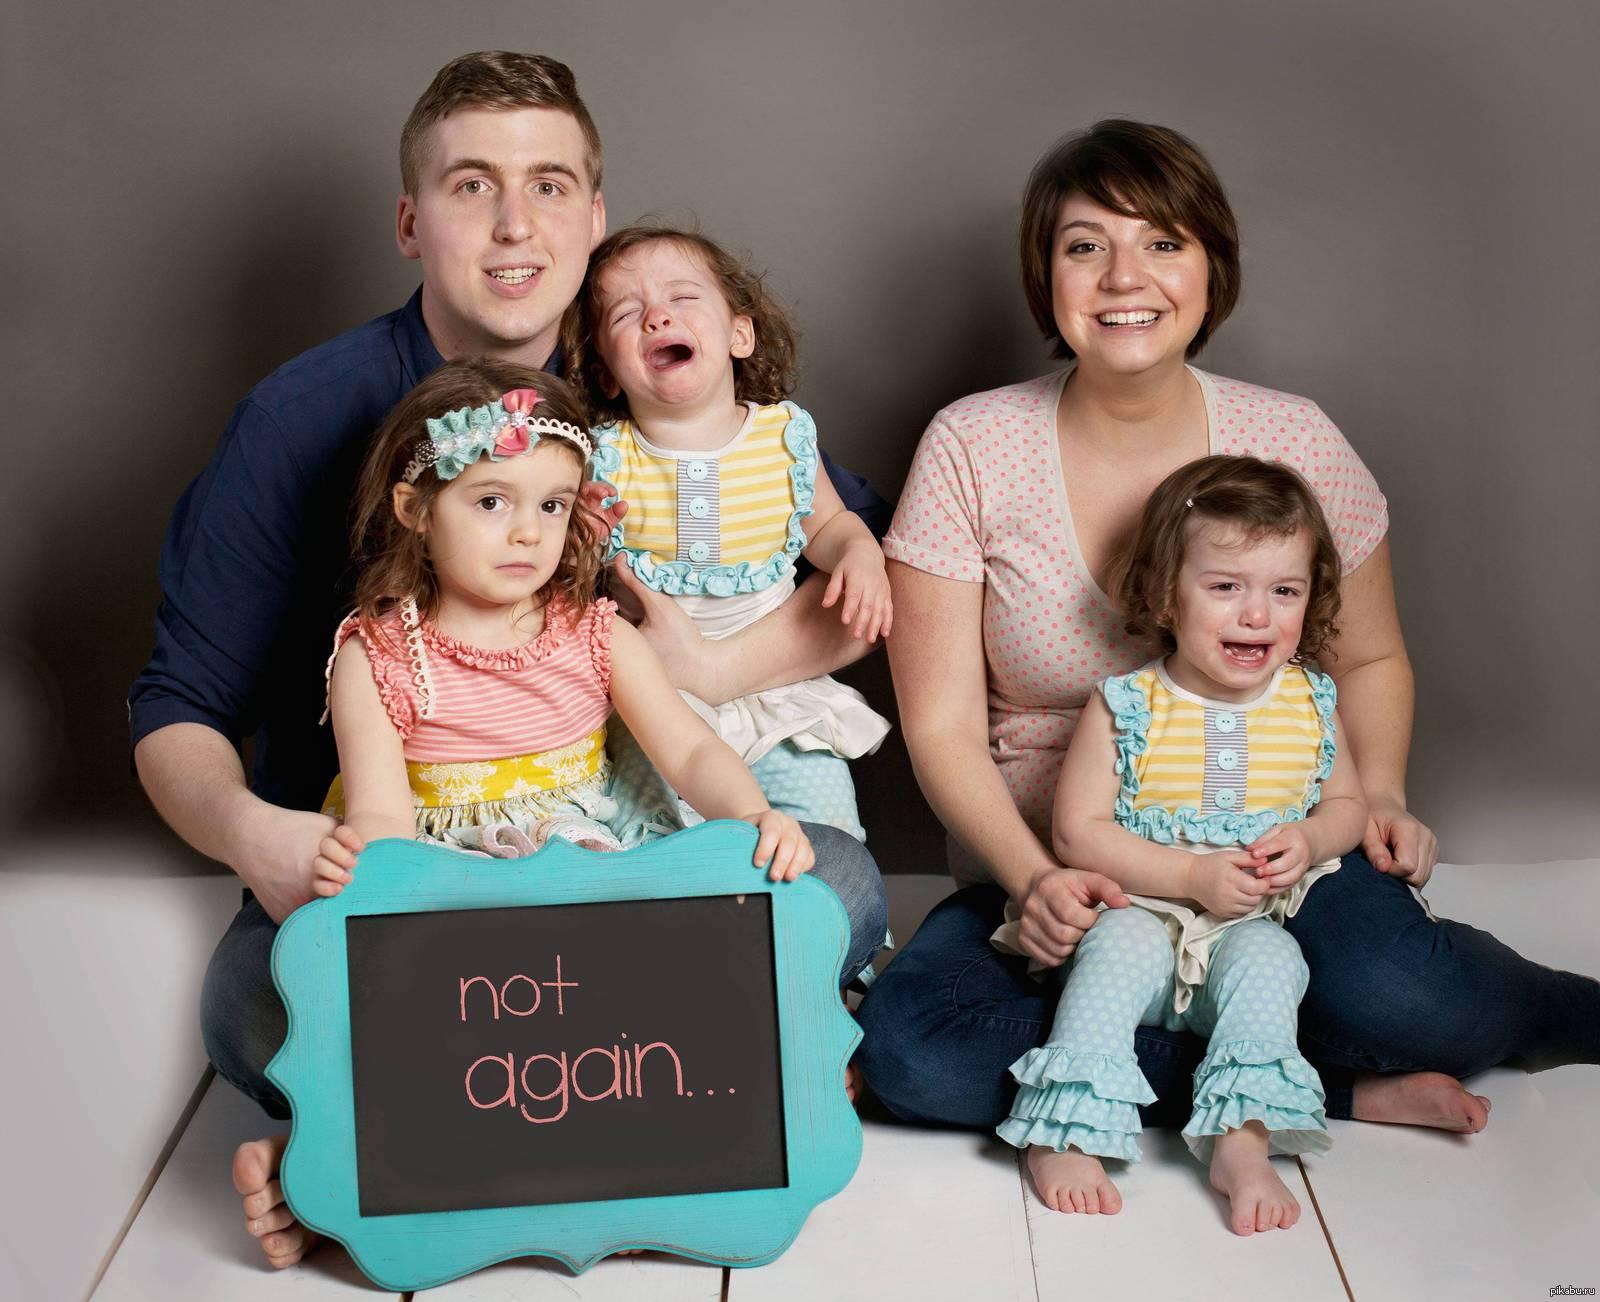 прикольные картинки про семью с детьми сообщалось, что оба